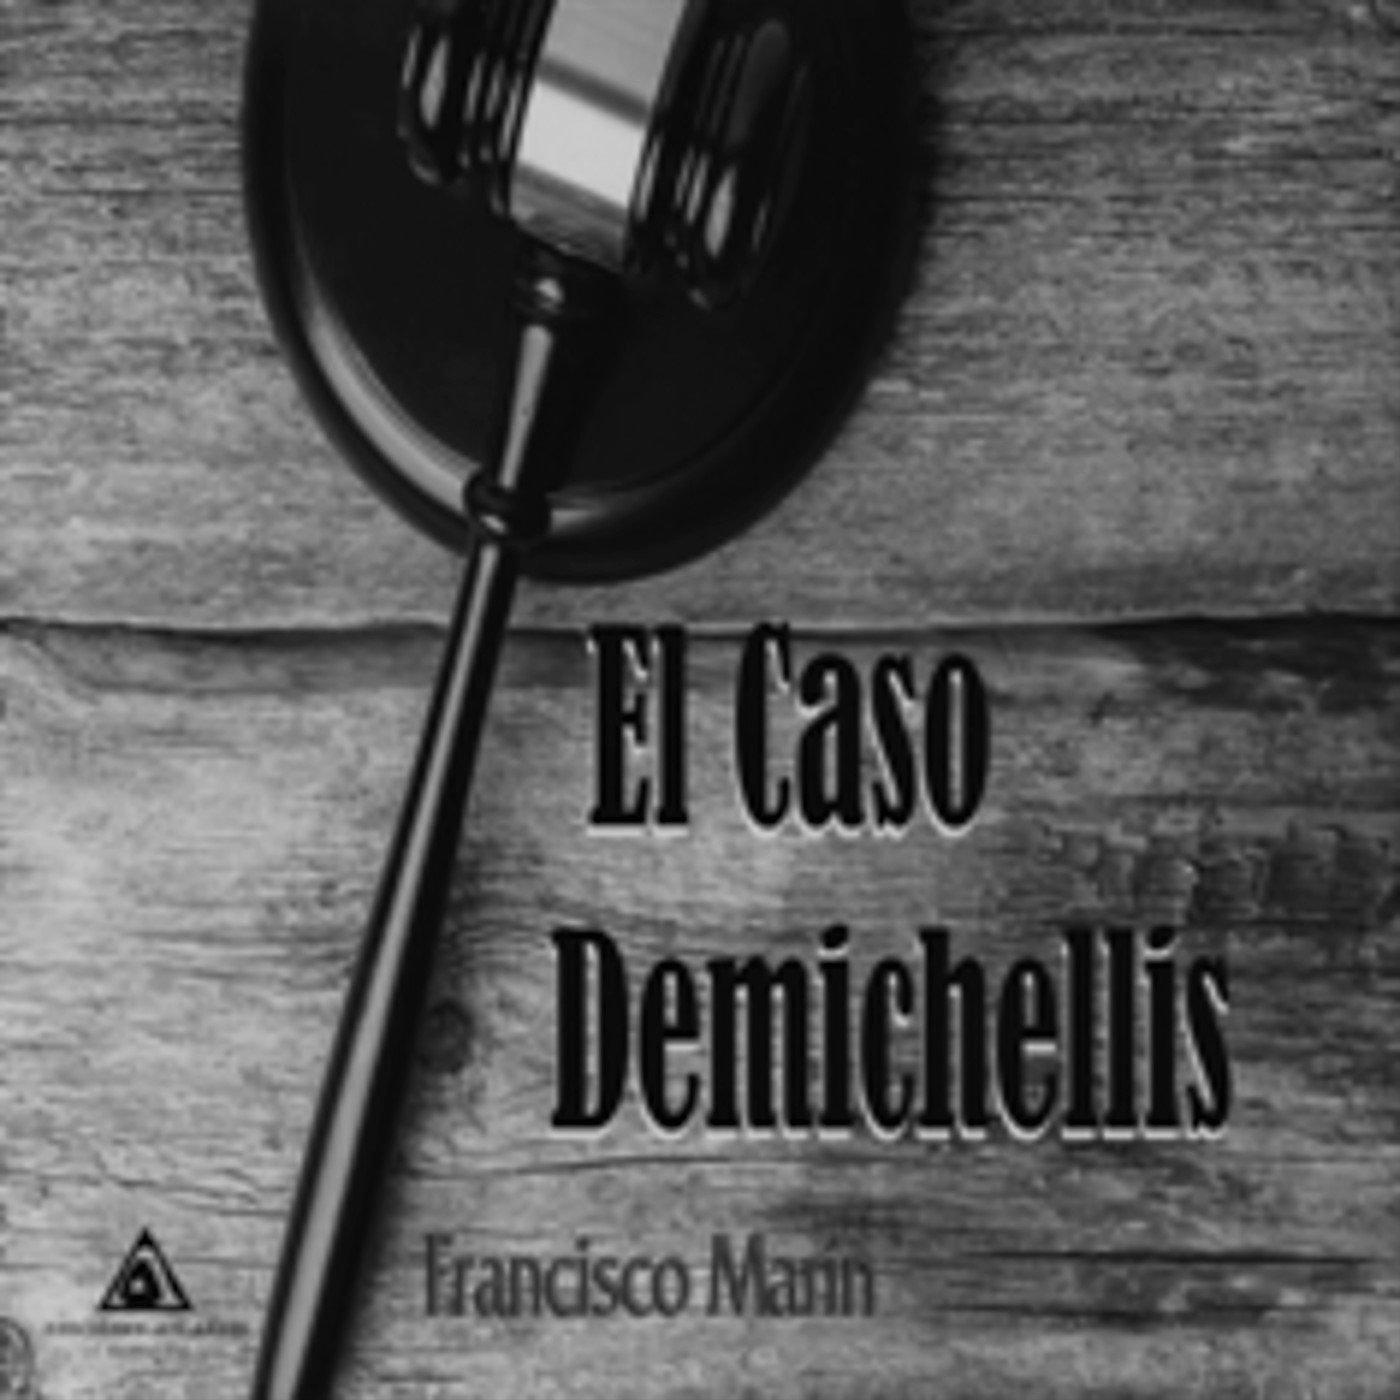 Il caso Demichellis